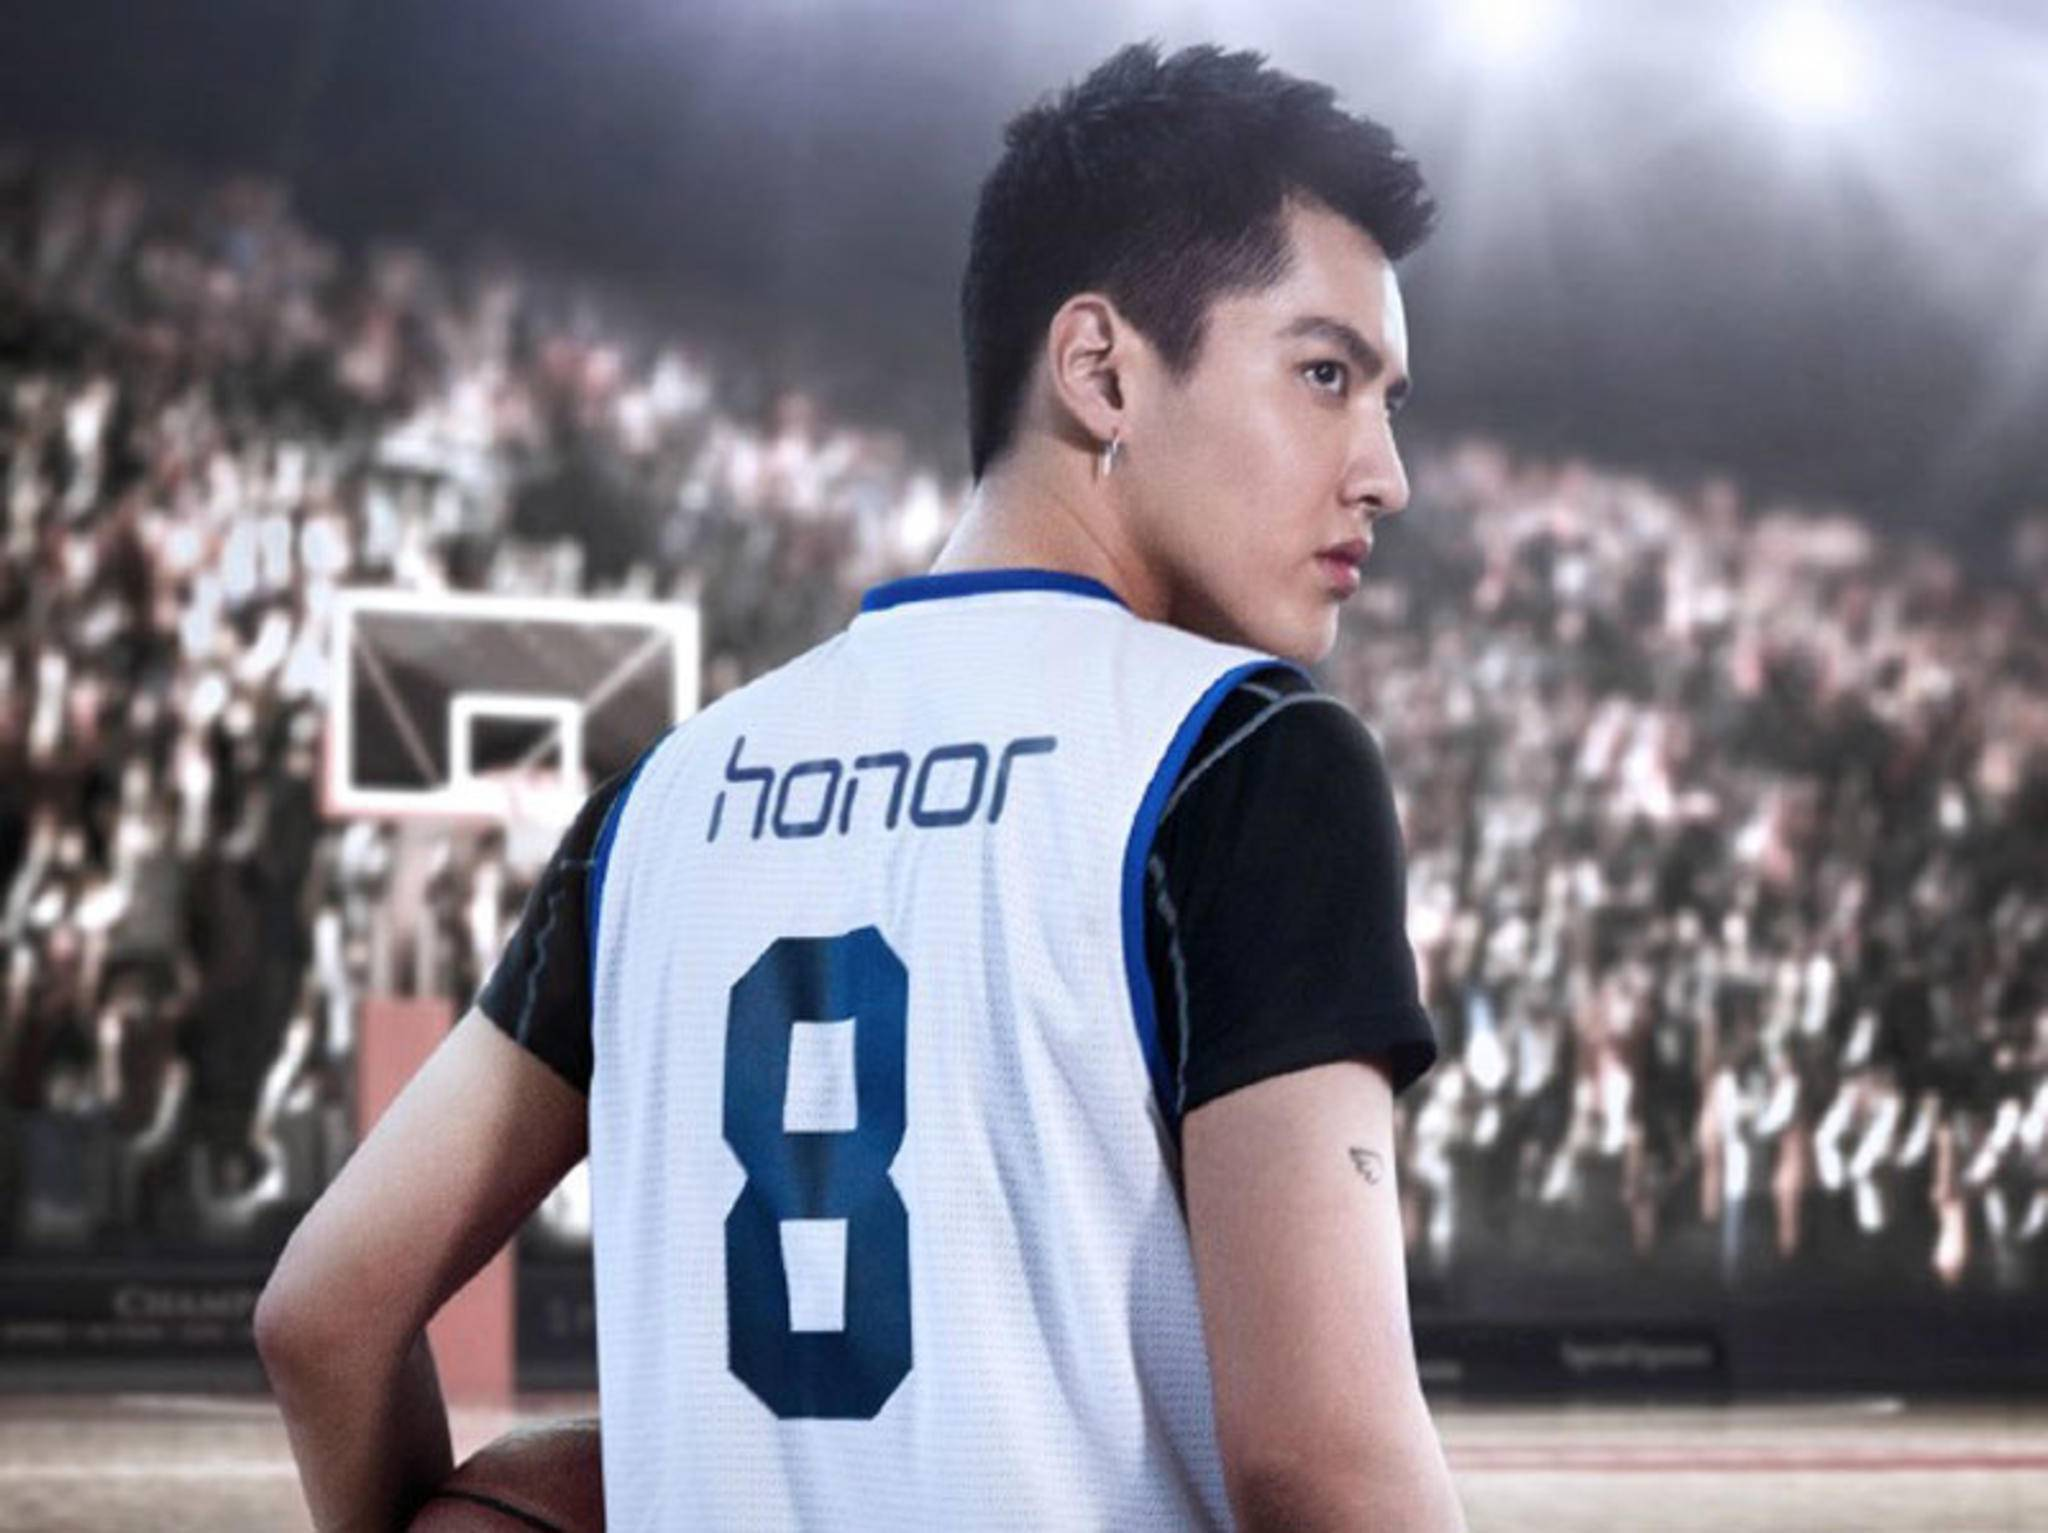 Das Honor 8 dürfte am 11. Juli enthüllt werden.